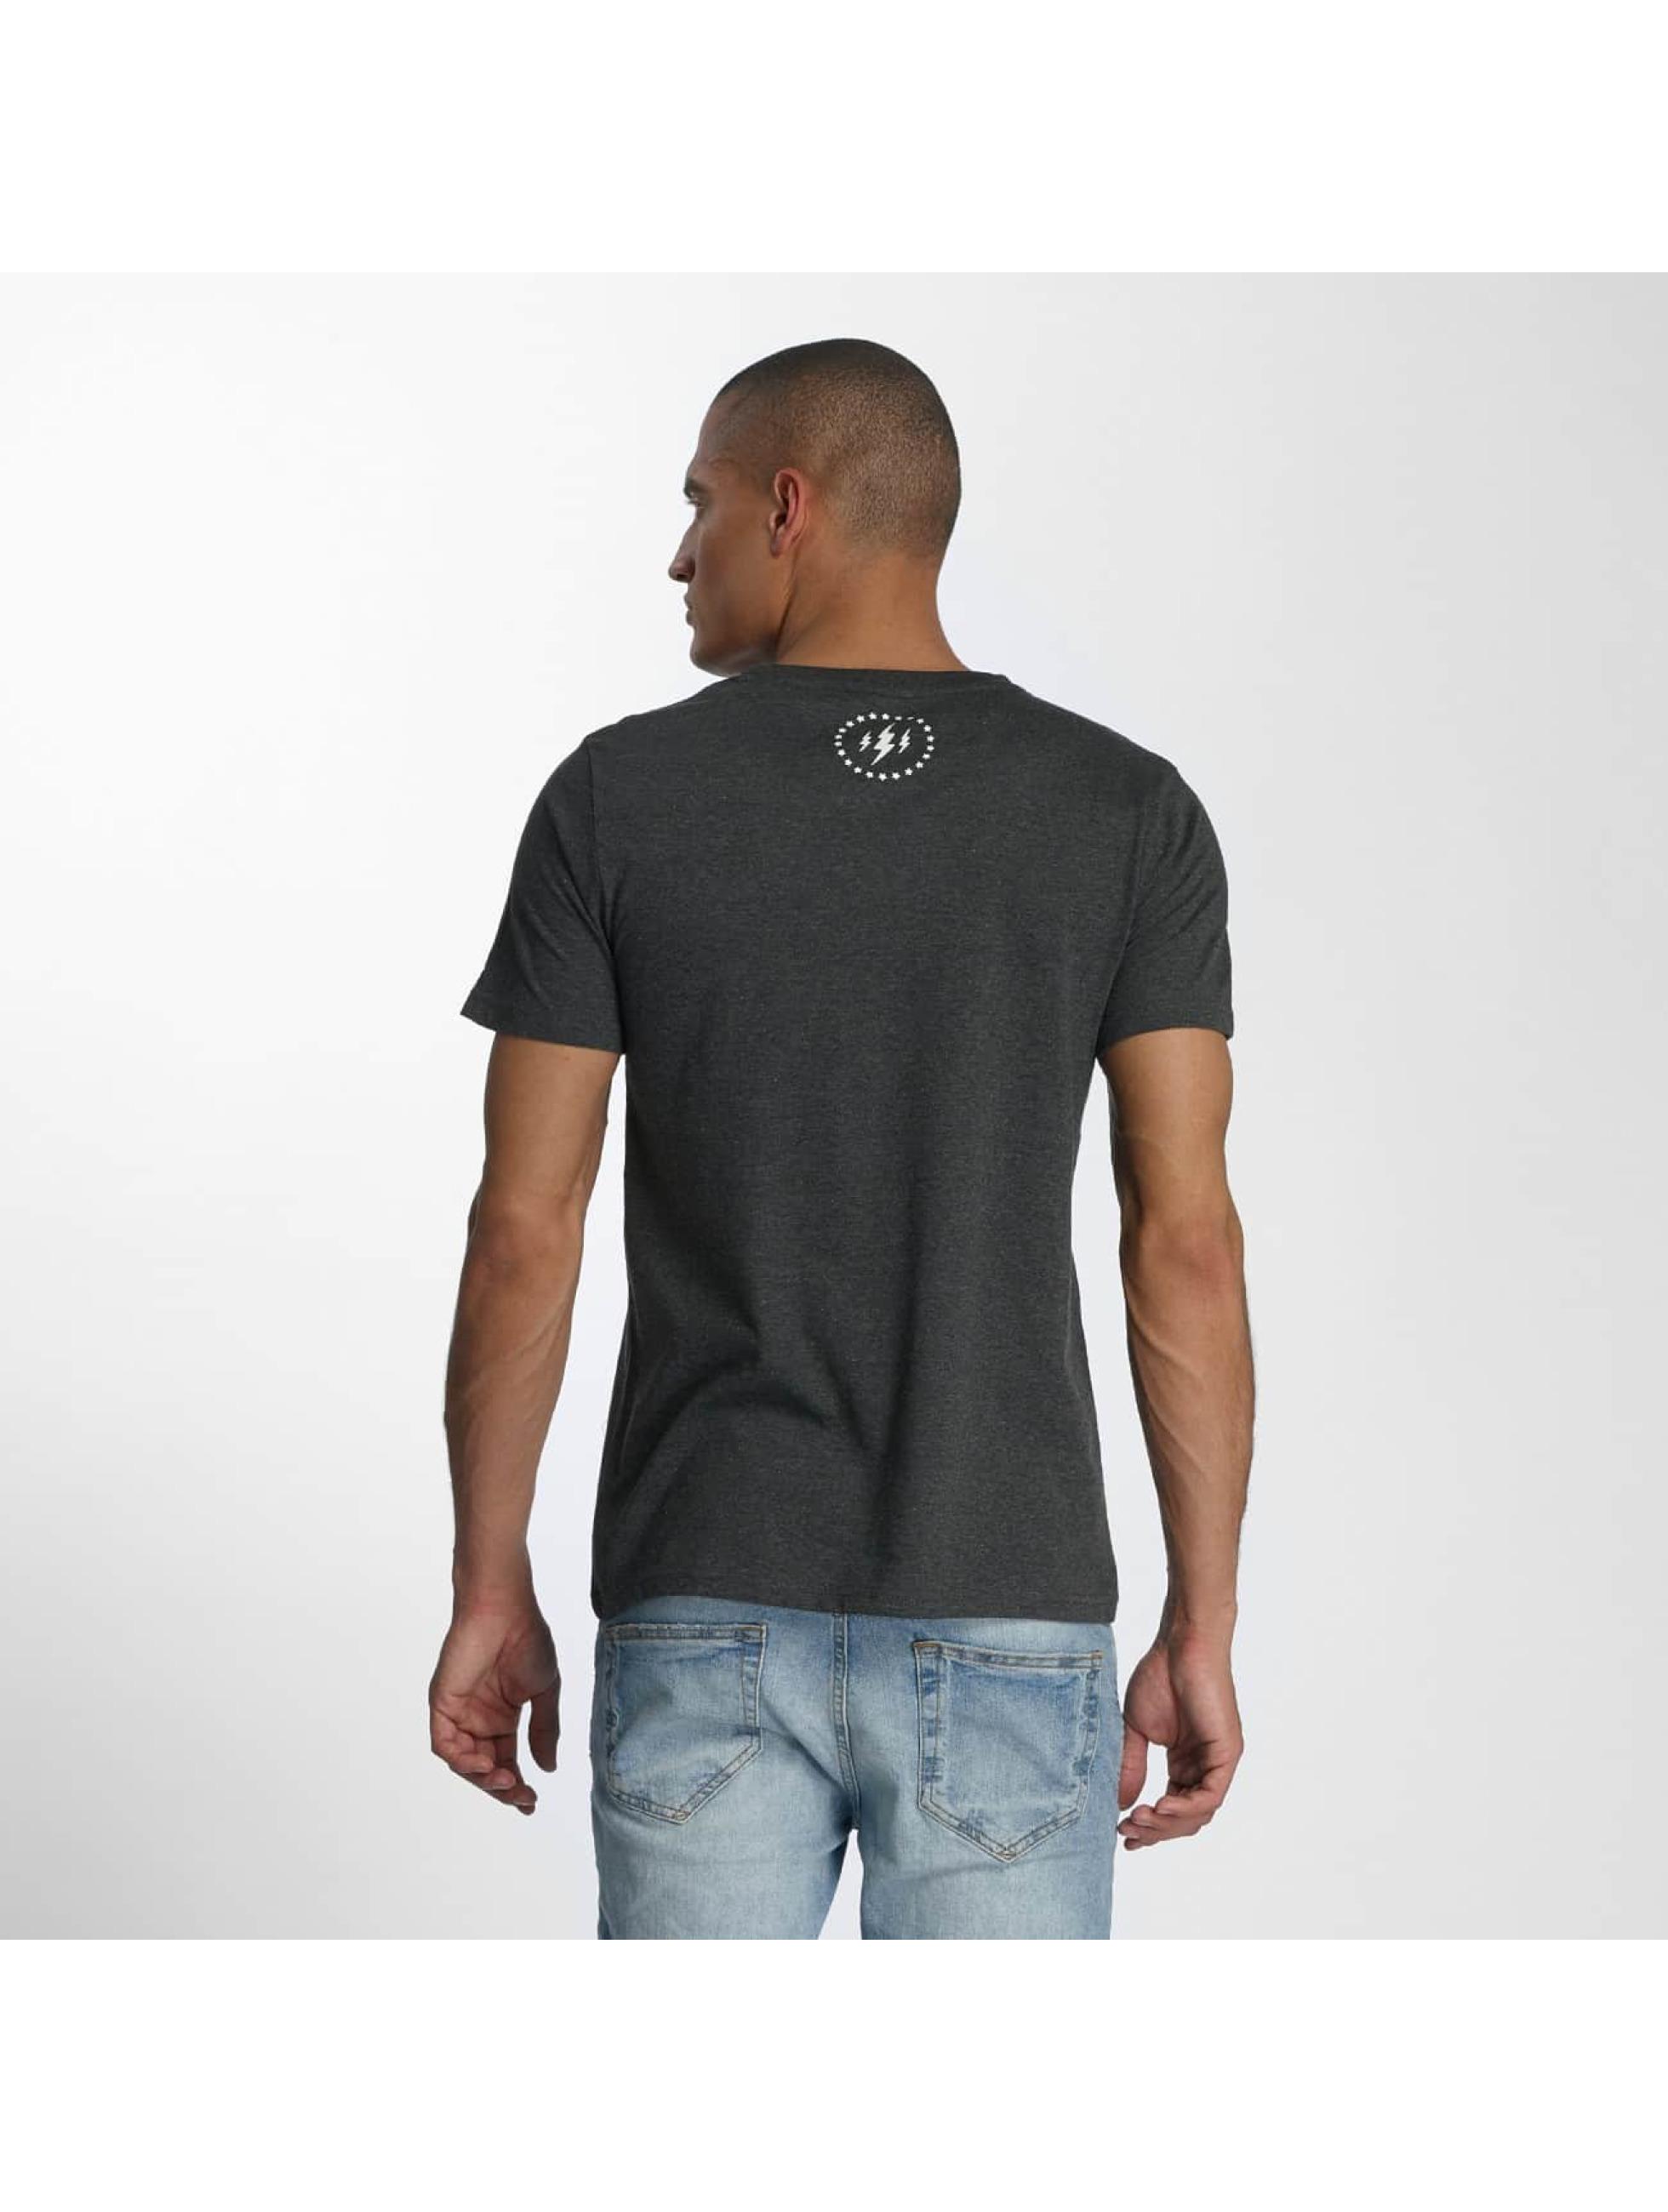 TrueSpin T-shirt 8 grigio